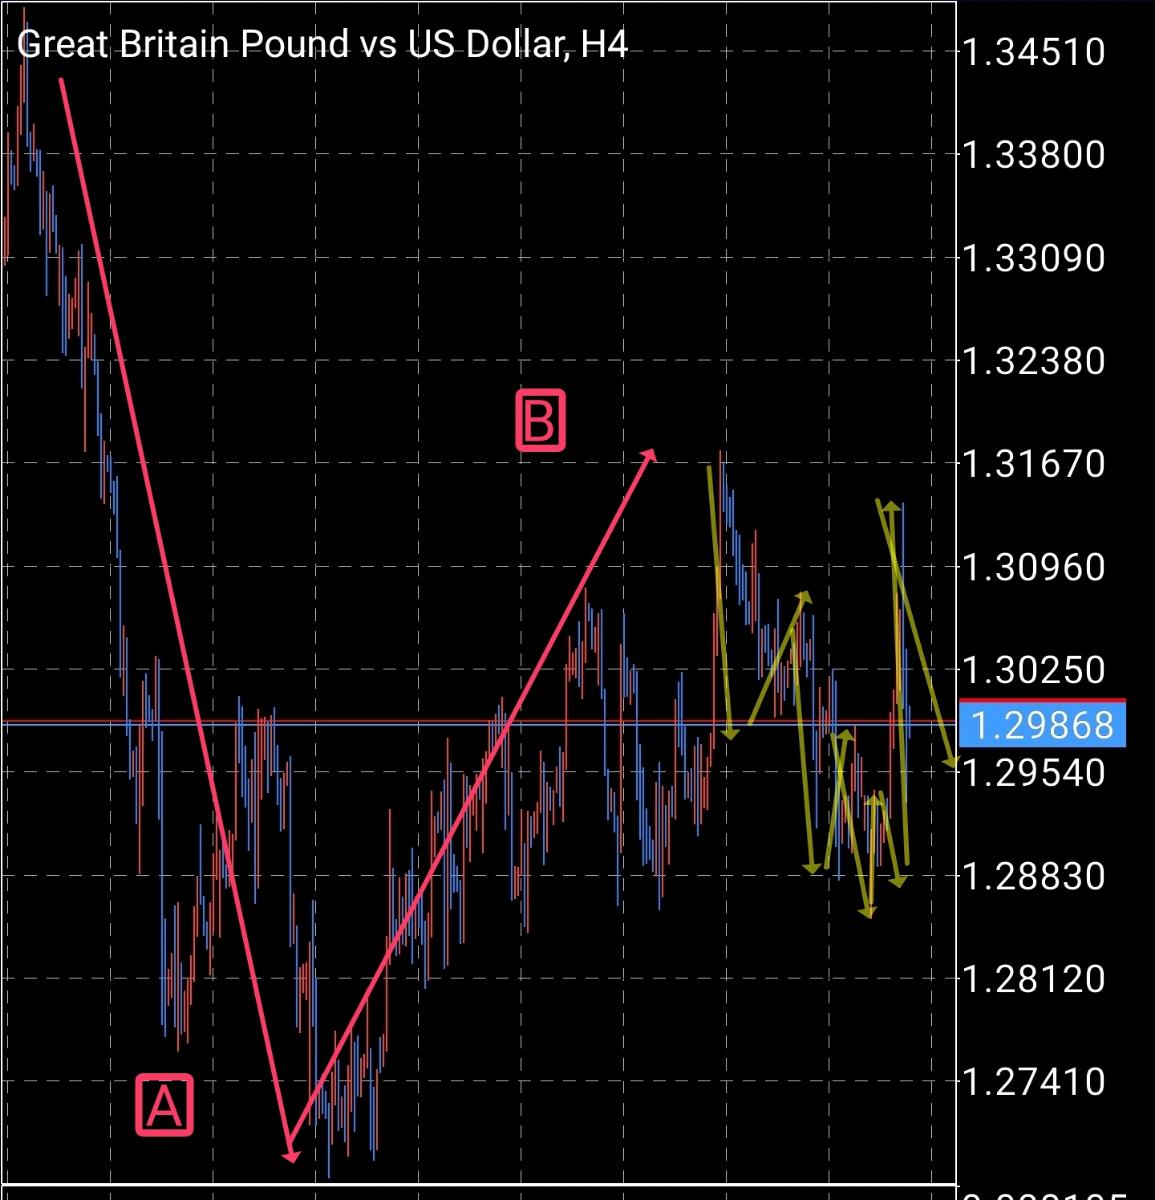 ただの記録 今、ABまできてCの5-3-5-3-5を追う場面の中最初の5波、上昇3波カウント取れる  これなら今